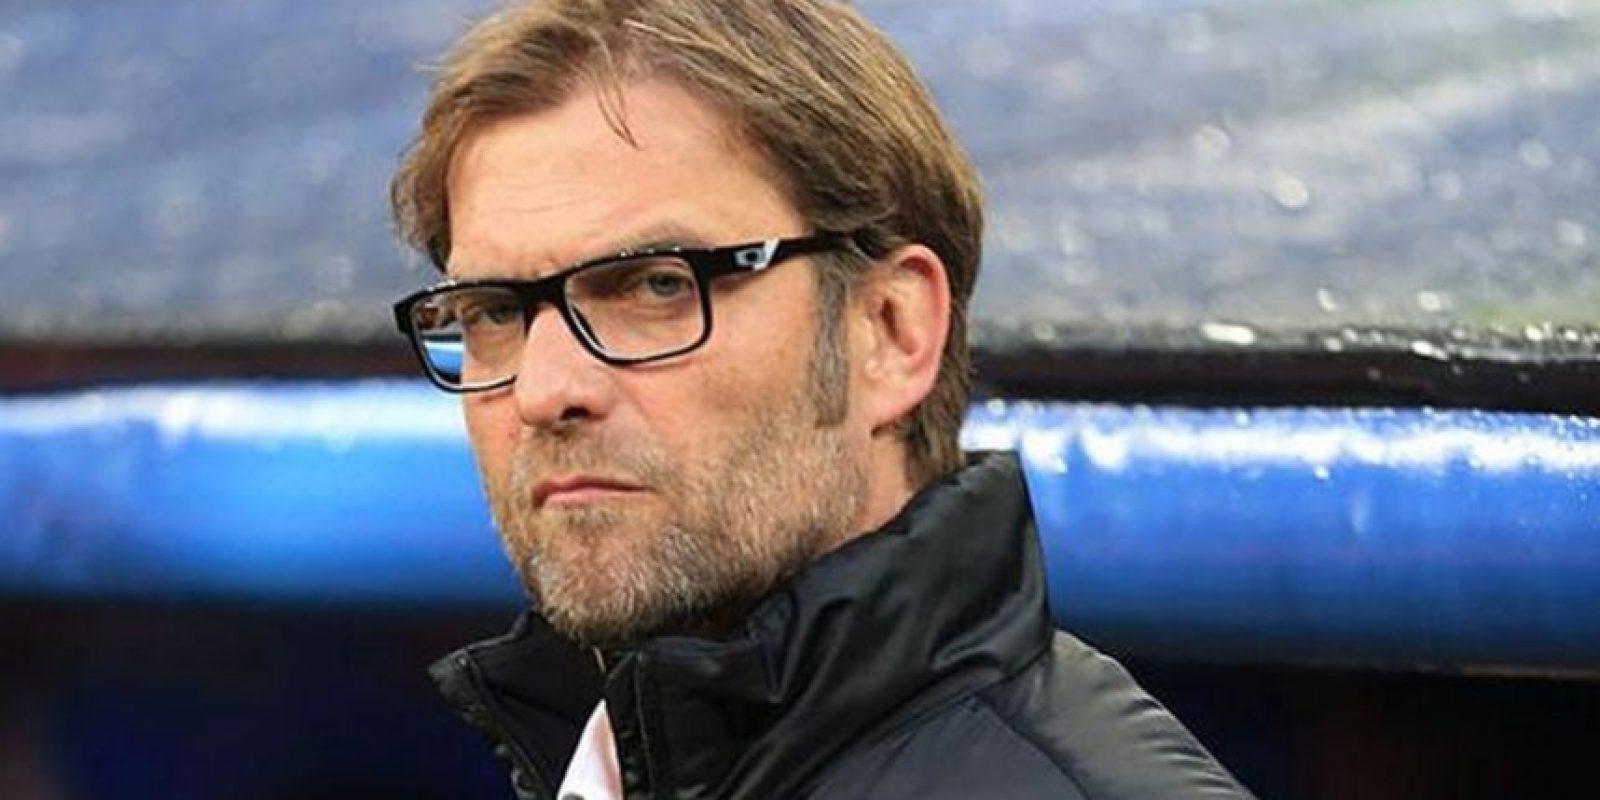 Jürgen Klopp, entrenador alemán sin equipo actualmente. Foto:Twitter